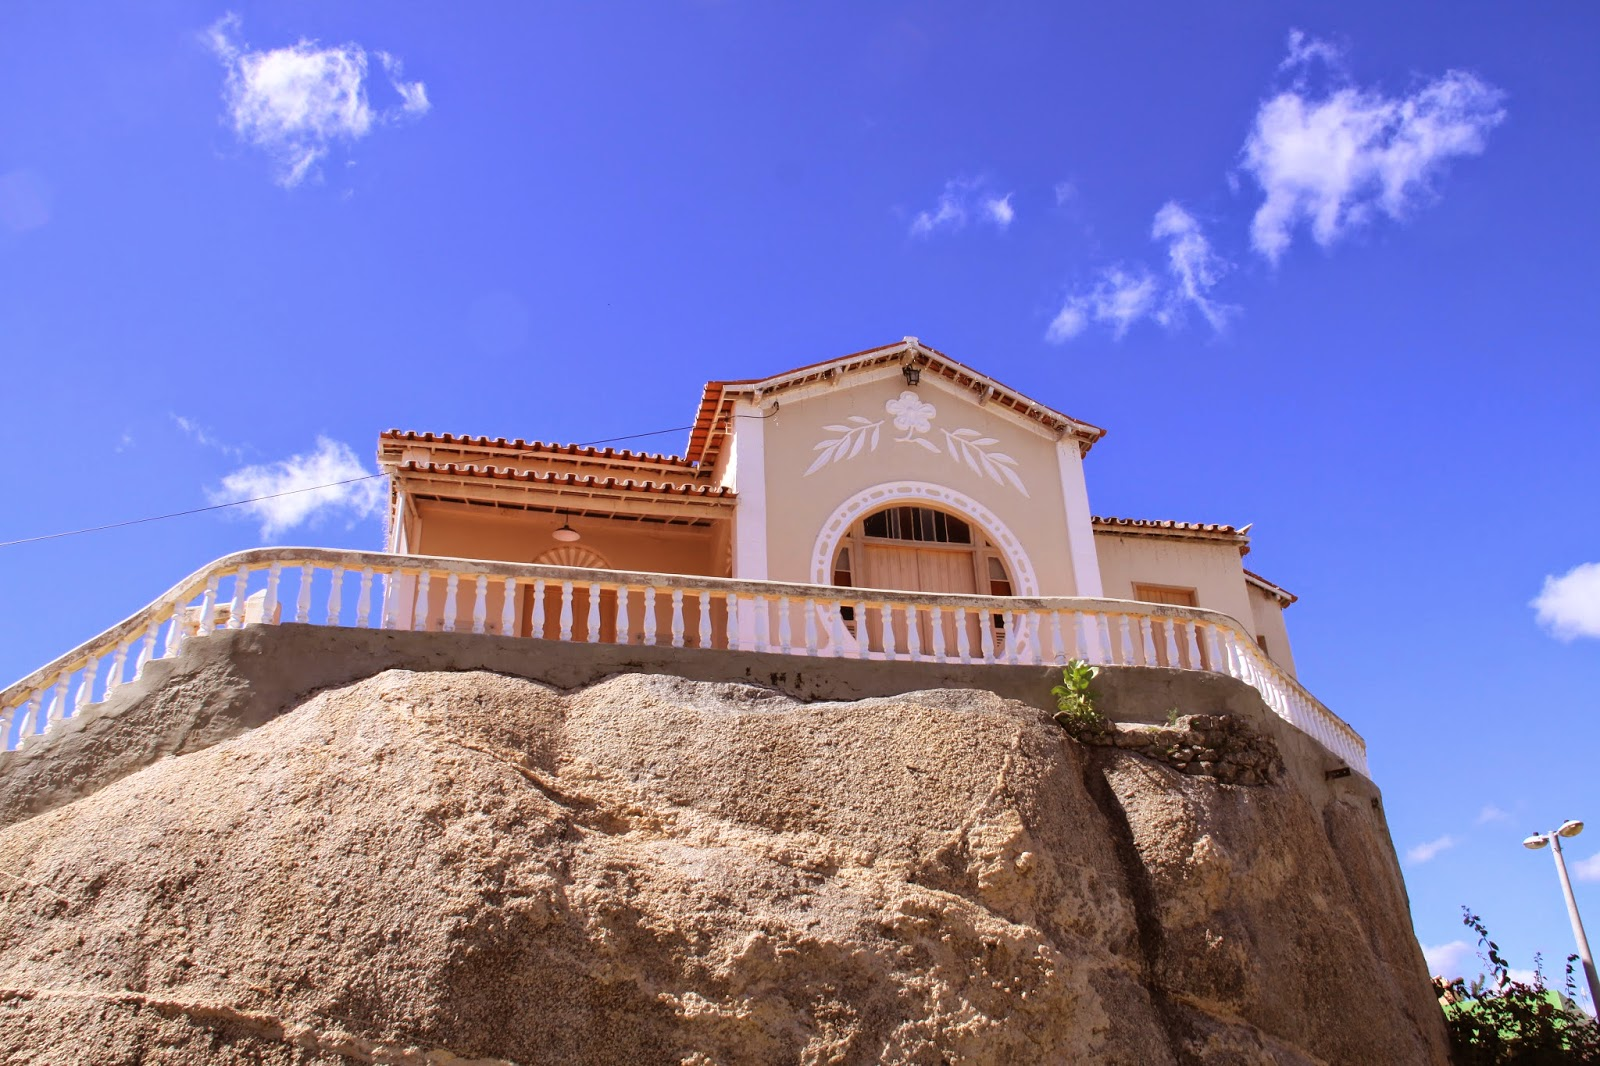 9a510acf6 Essa é a casinha que foi da Raquel de Queiroz, no filme Área Q, era o hotel  onde o norte americano buscava por respostas e ficou desaparecido por 2  anos ...